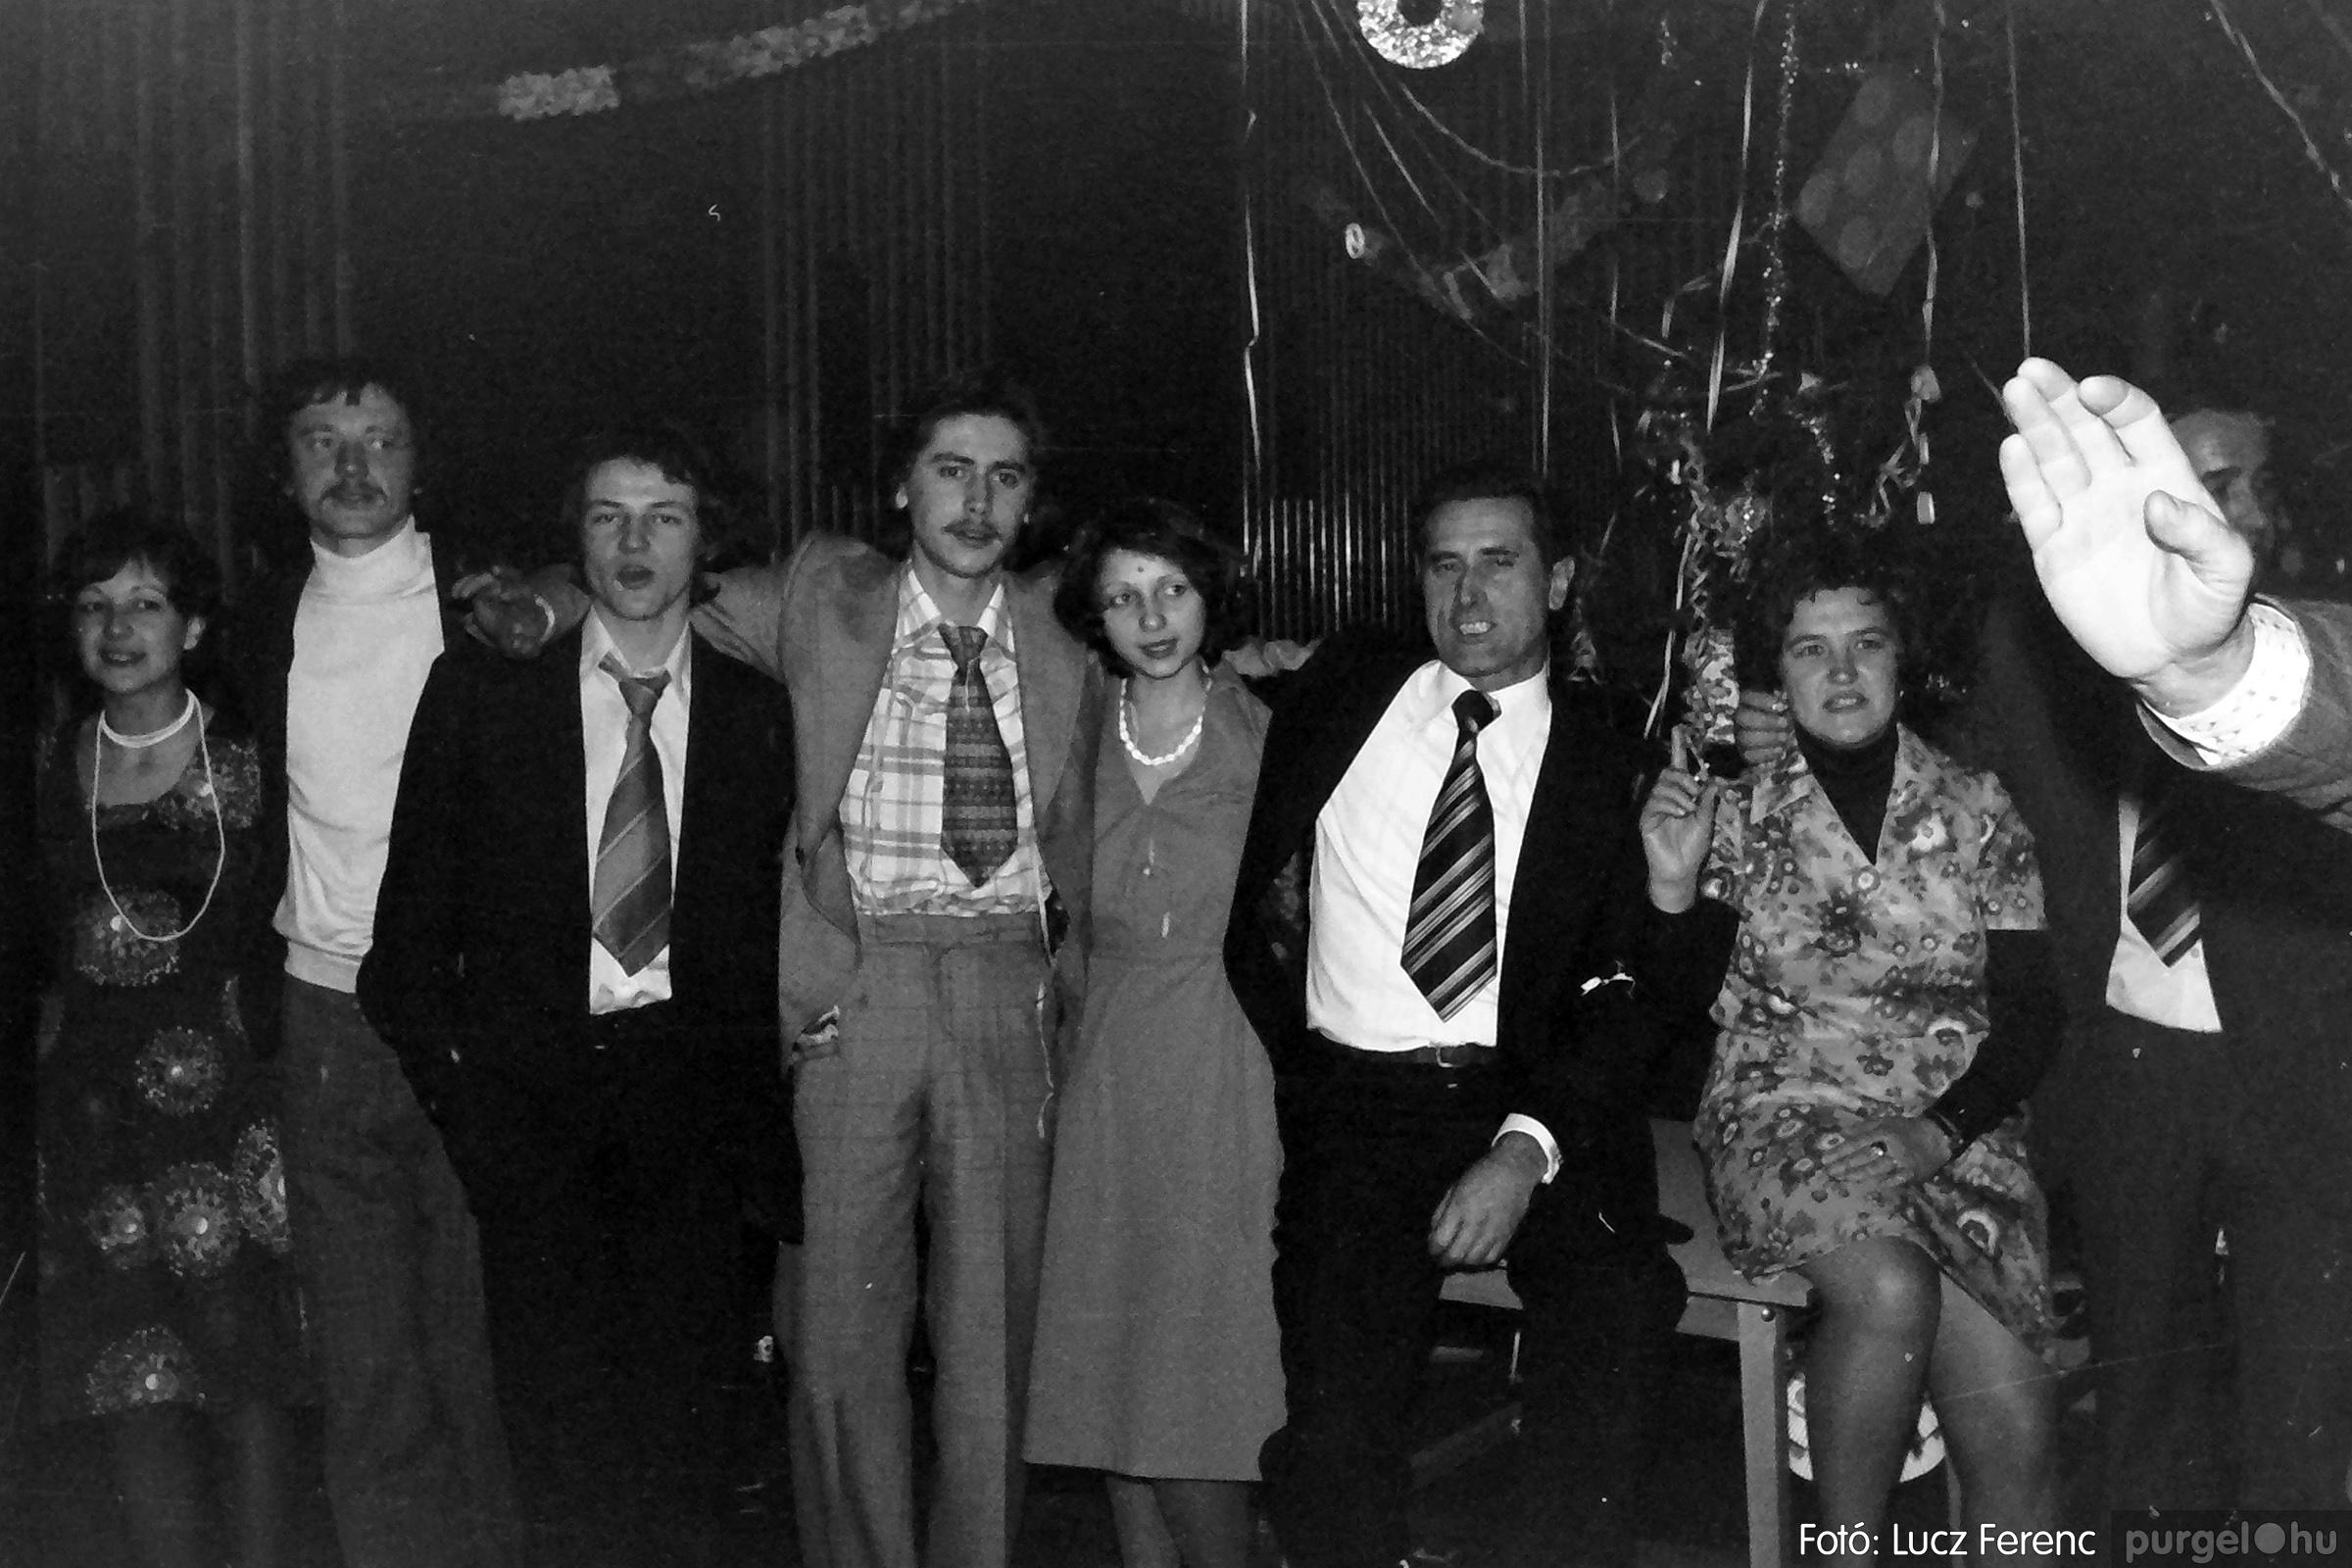 070. 1976.12.31. Szilveszter a kultúrházban 007. - Fotó: Lucz Ferenc.jpg